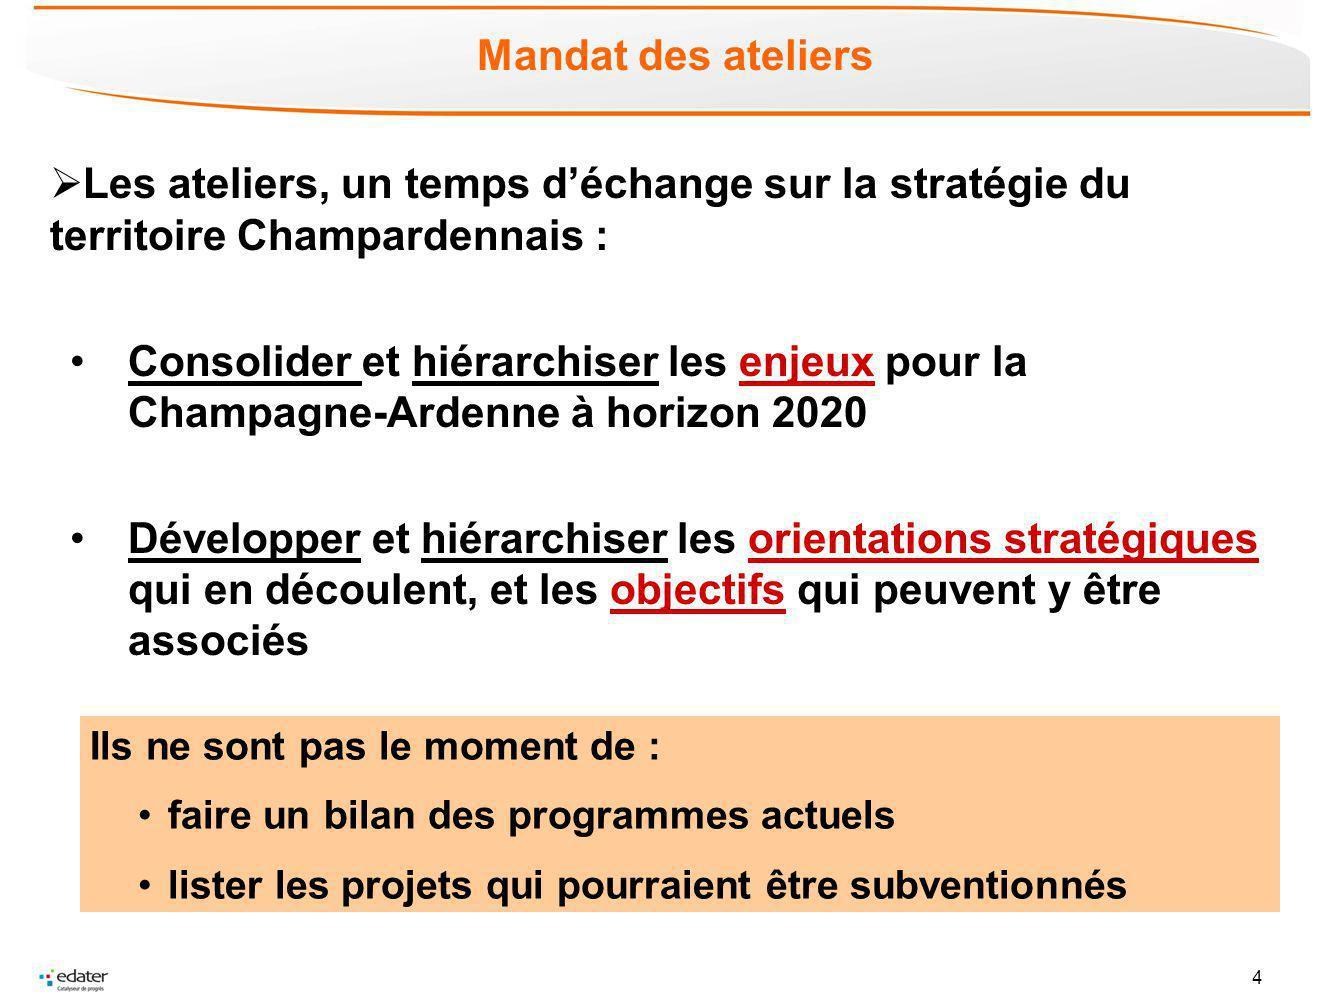 Mandat des ateliers Les ateliers, un temps d'échange sur la stratégie du territoire Champardennais :